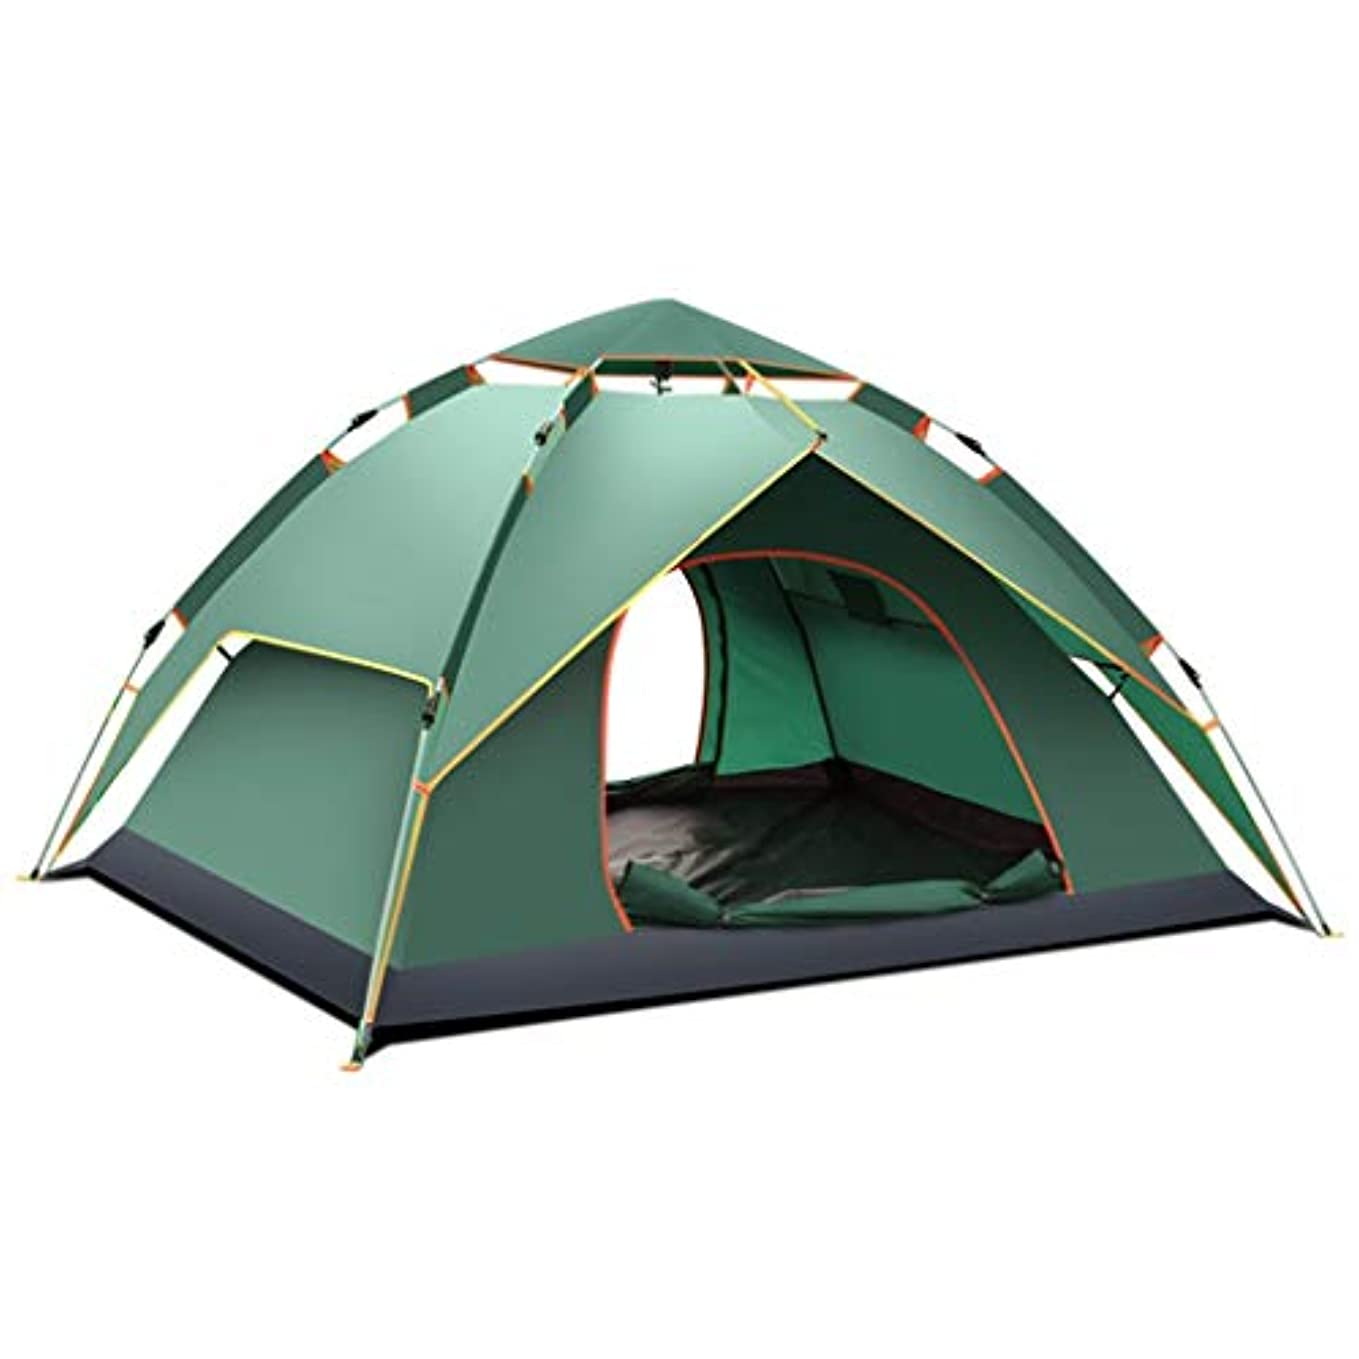 文化過半数修羅場LWT 屋外スポーツの大きい浜のおおい3-4人の耐雨性のテントをキャンプすること (Color : A)